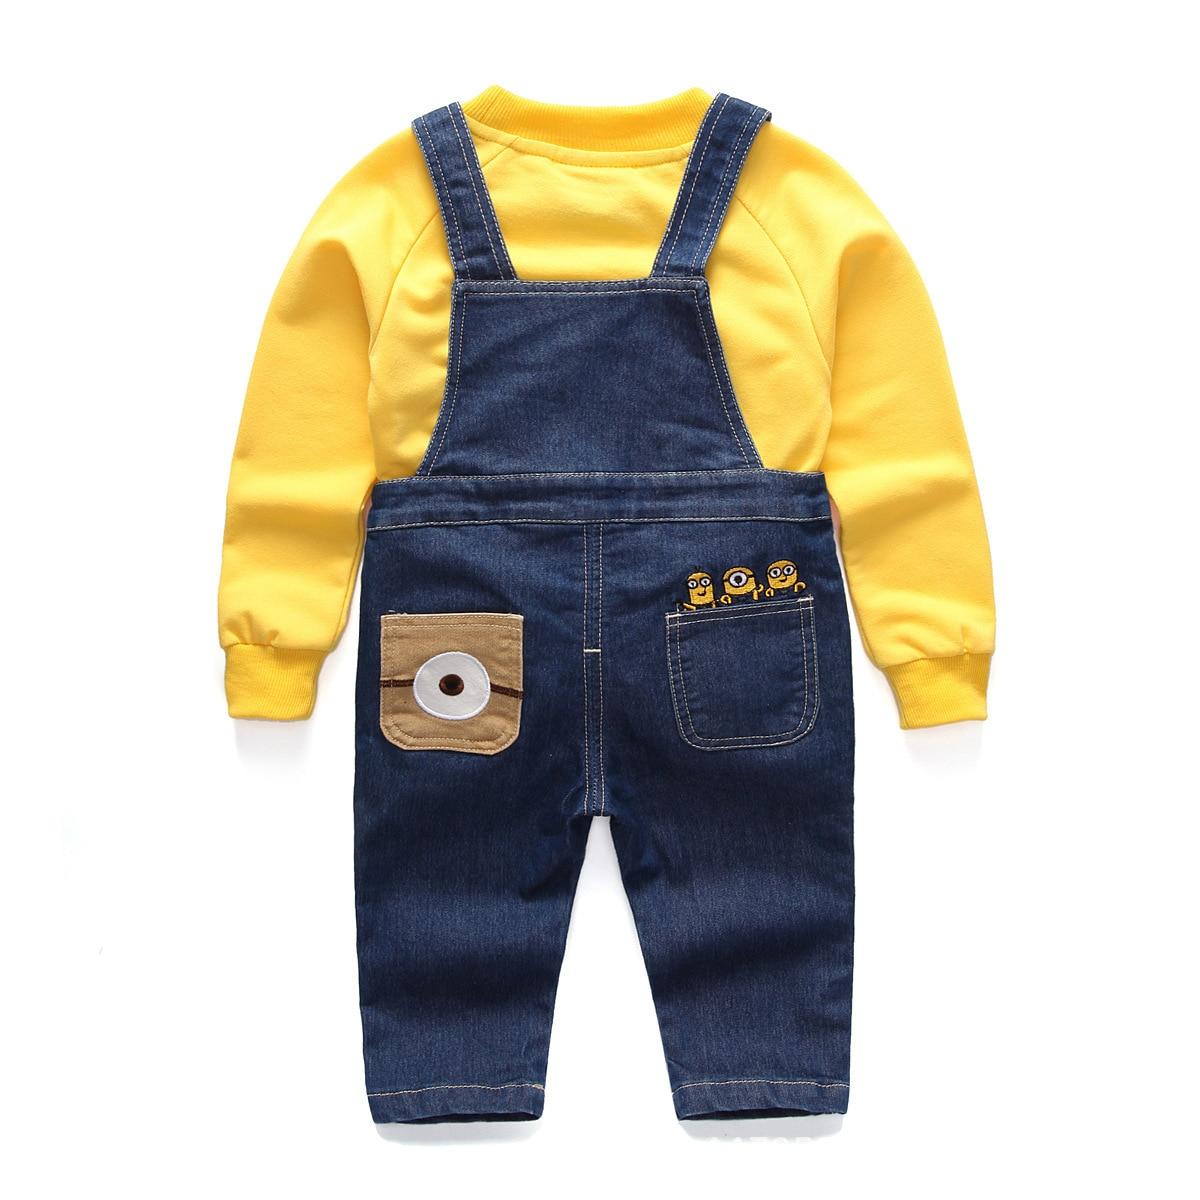 Denim Jumper Cotton Jumpsuit for Kids Despicable Me Minion Salopette Denim Kids Playsuit Baby Boy Overalls Macacao Infantil